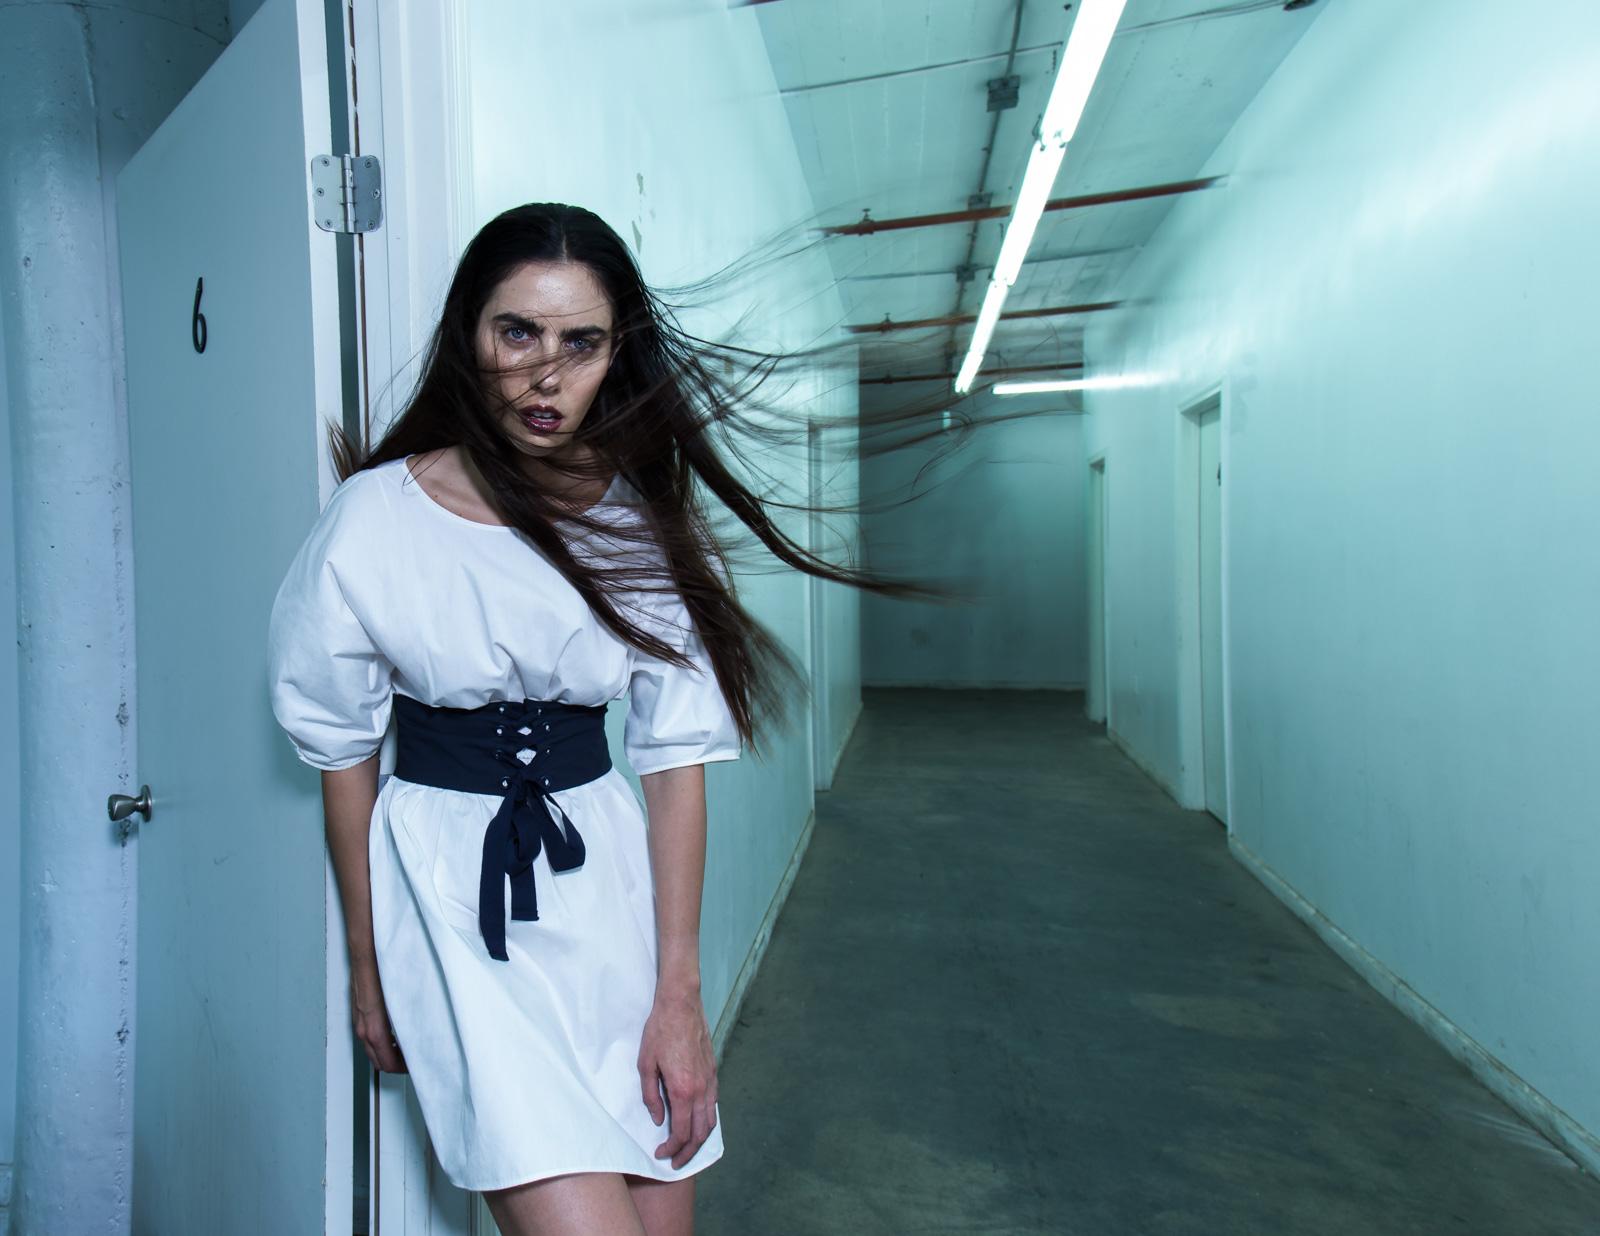 Alvarez_Amanda_Fashion_Shut_Eye_-3.jpg